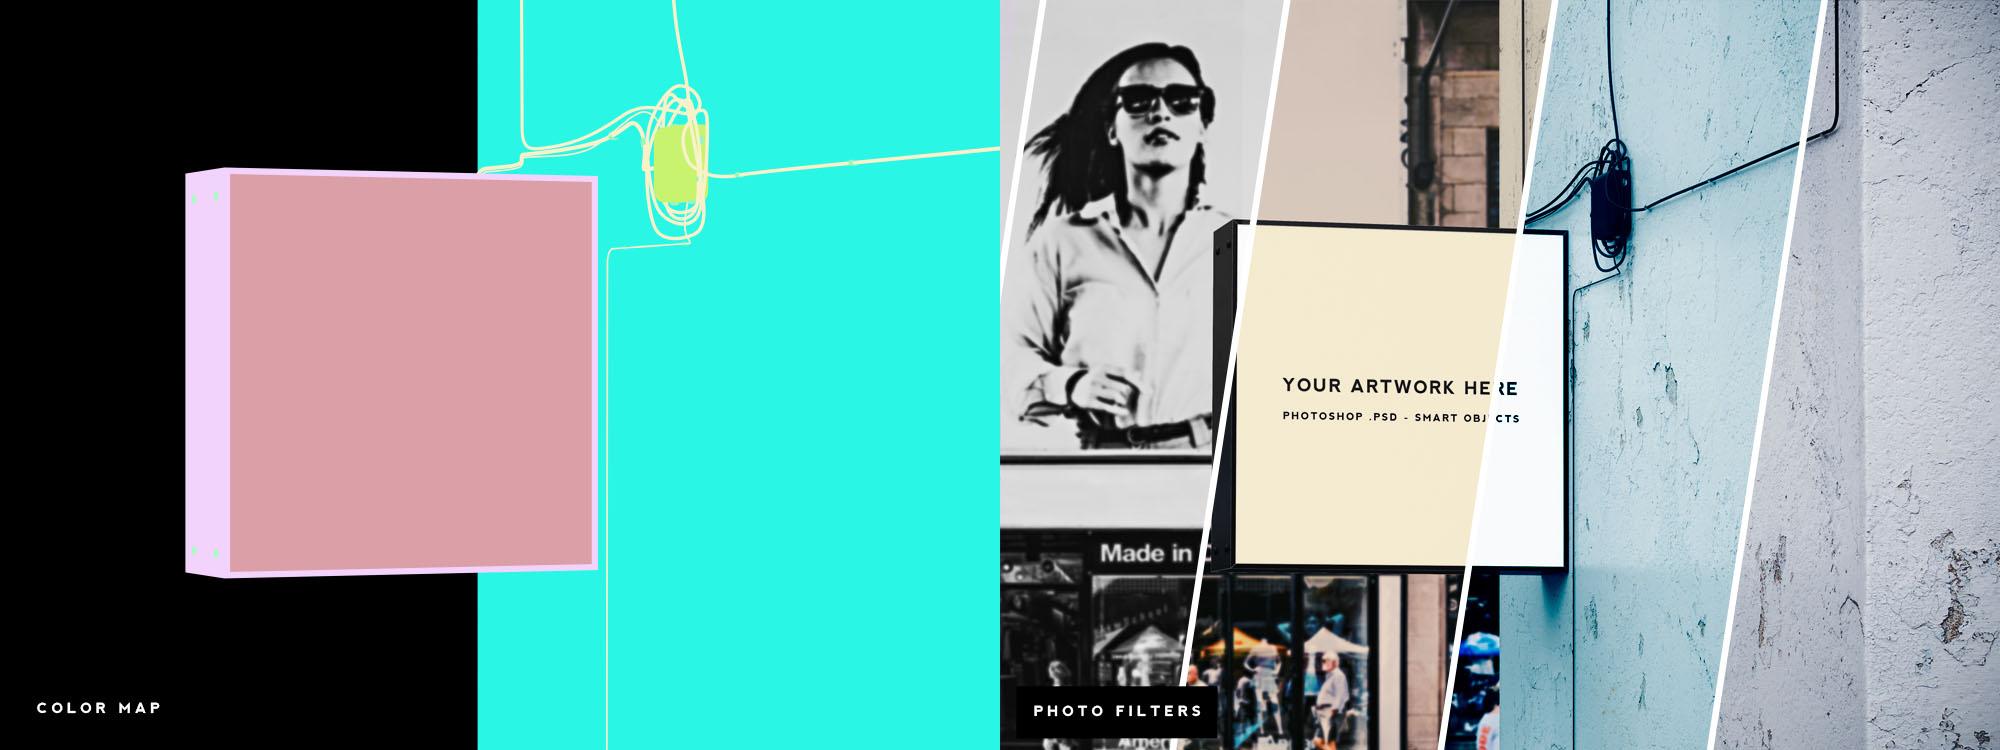 Shop Sign Mockup - Filters & Color Map